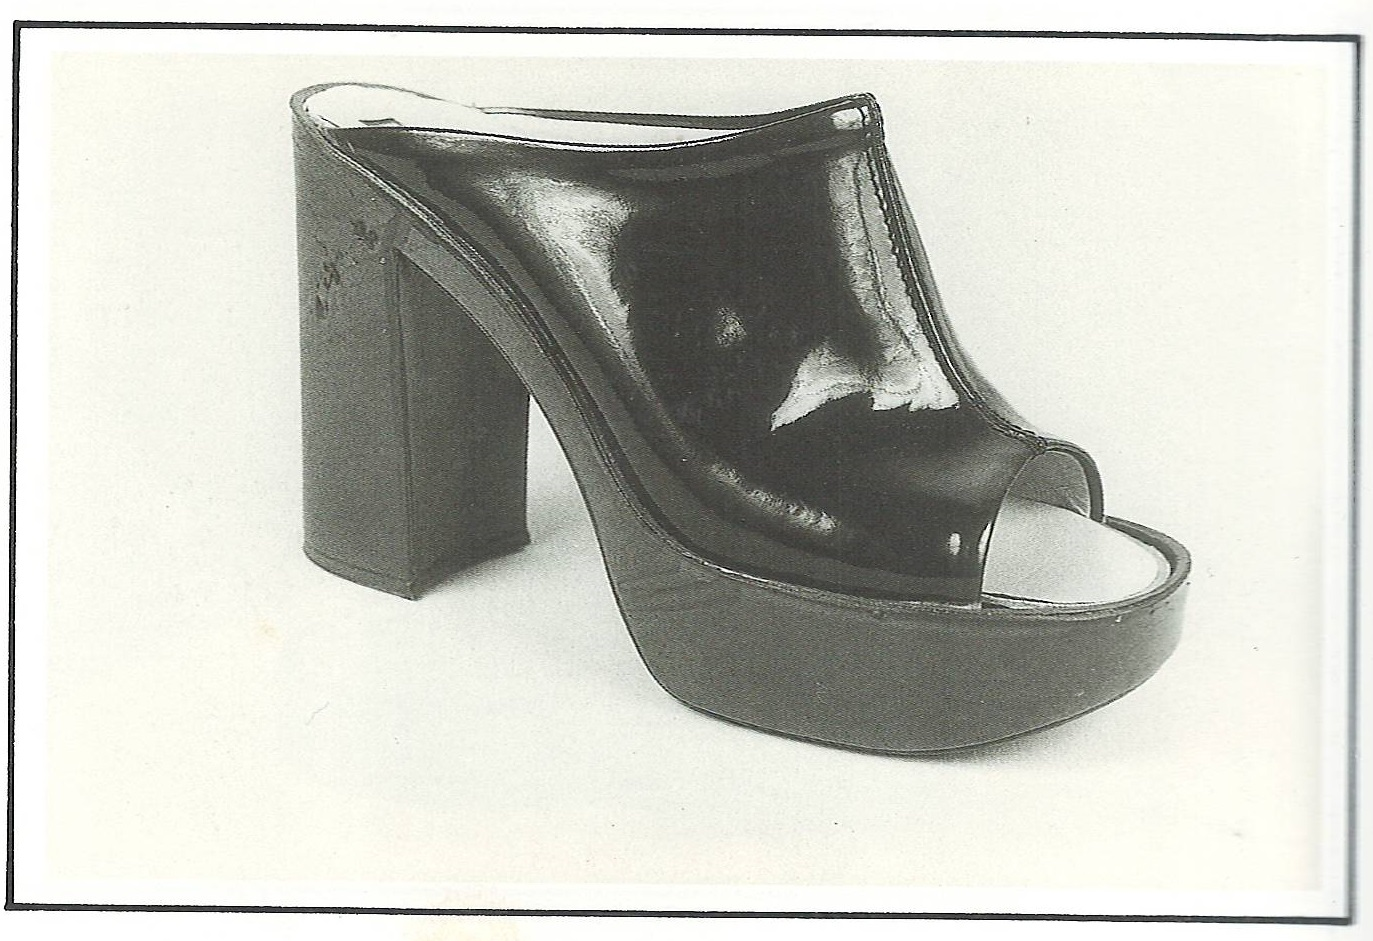 Della Anni La Moda Shoes Gli '70 50 '60 Calzatura Pompei SqMVpUzG